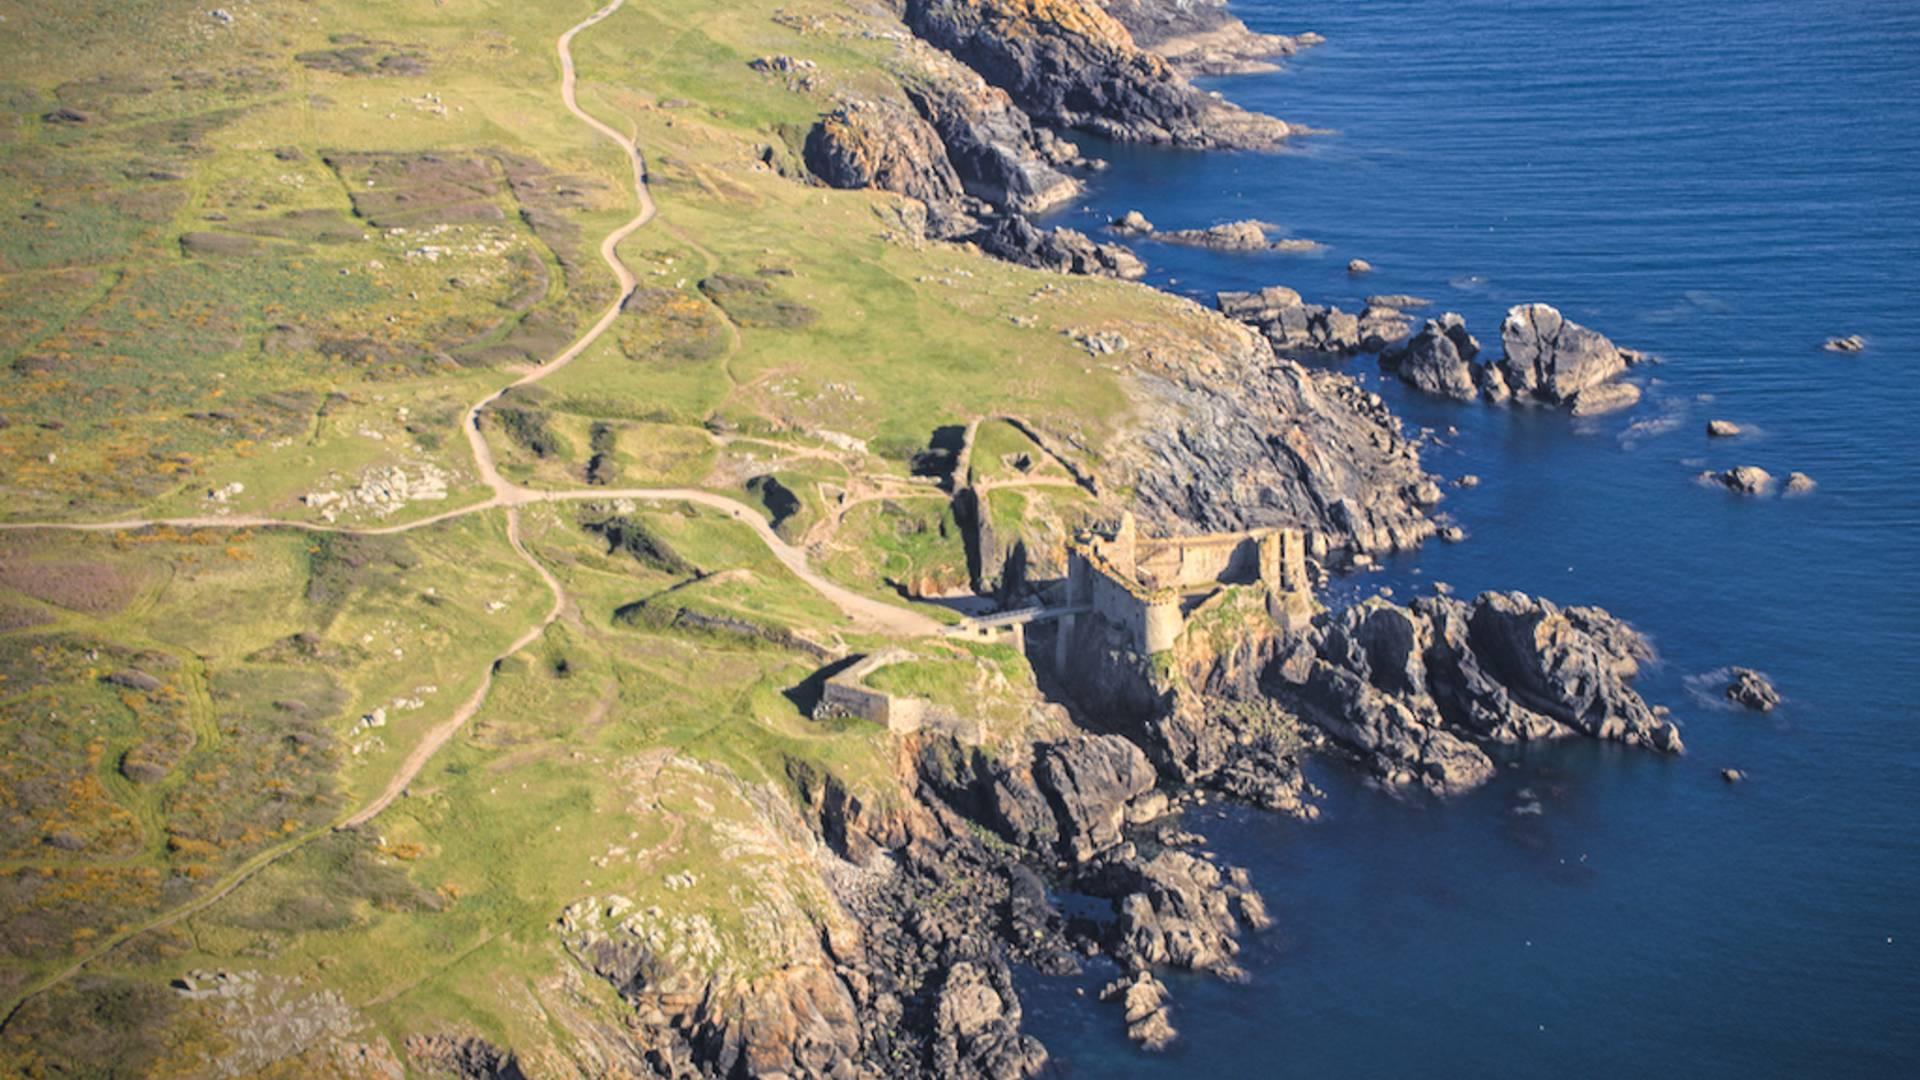 Le Vieux-Château - L'île d'Yeu © Aurélien Curtet Photo - www.a-curtet-photo.fr